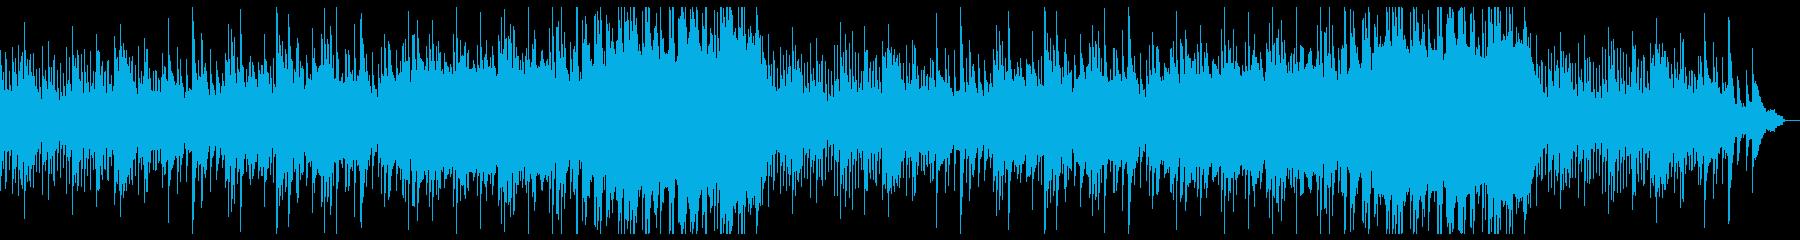 感傷的で切ないシネマティックシンフォ。の再生済みの波形